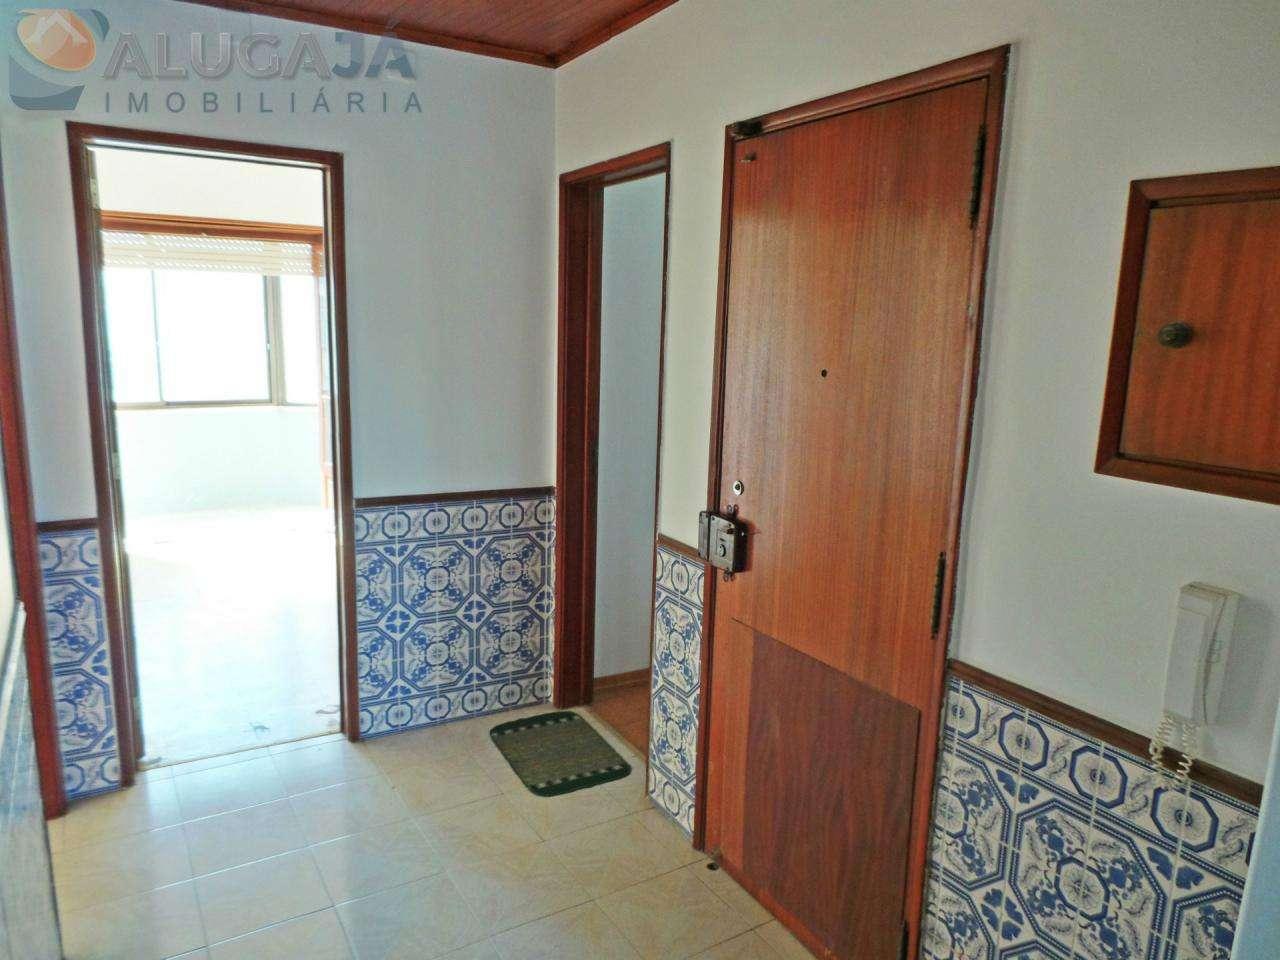 Apartamento para comprar, Travessa Doutor João de Barros - Mercês, Algueirão-Mem Martins - Foto 14